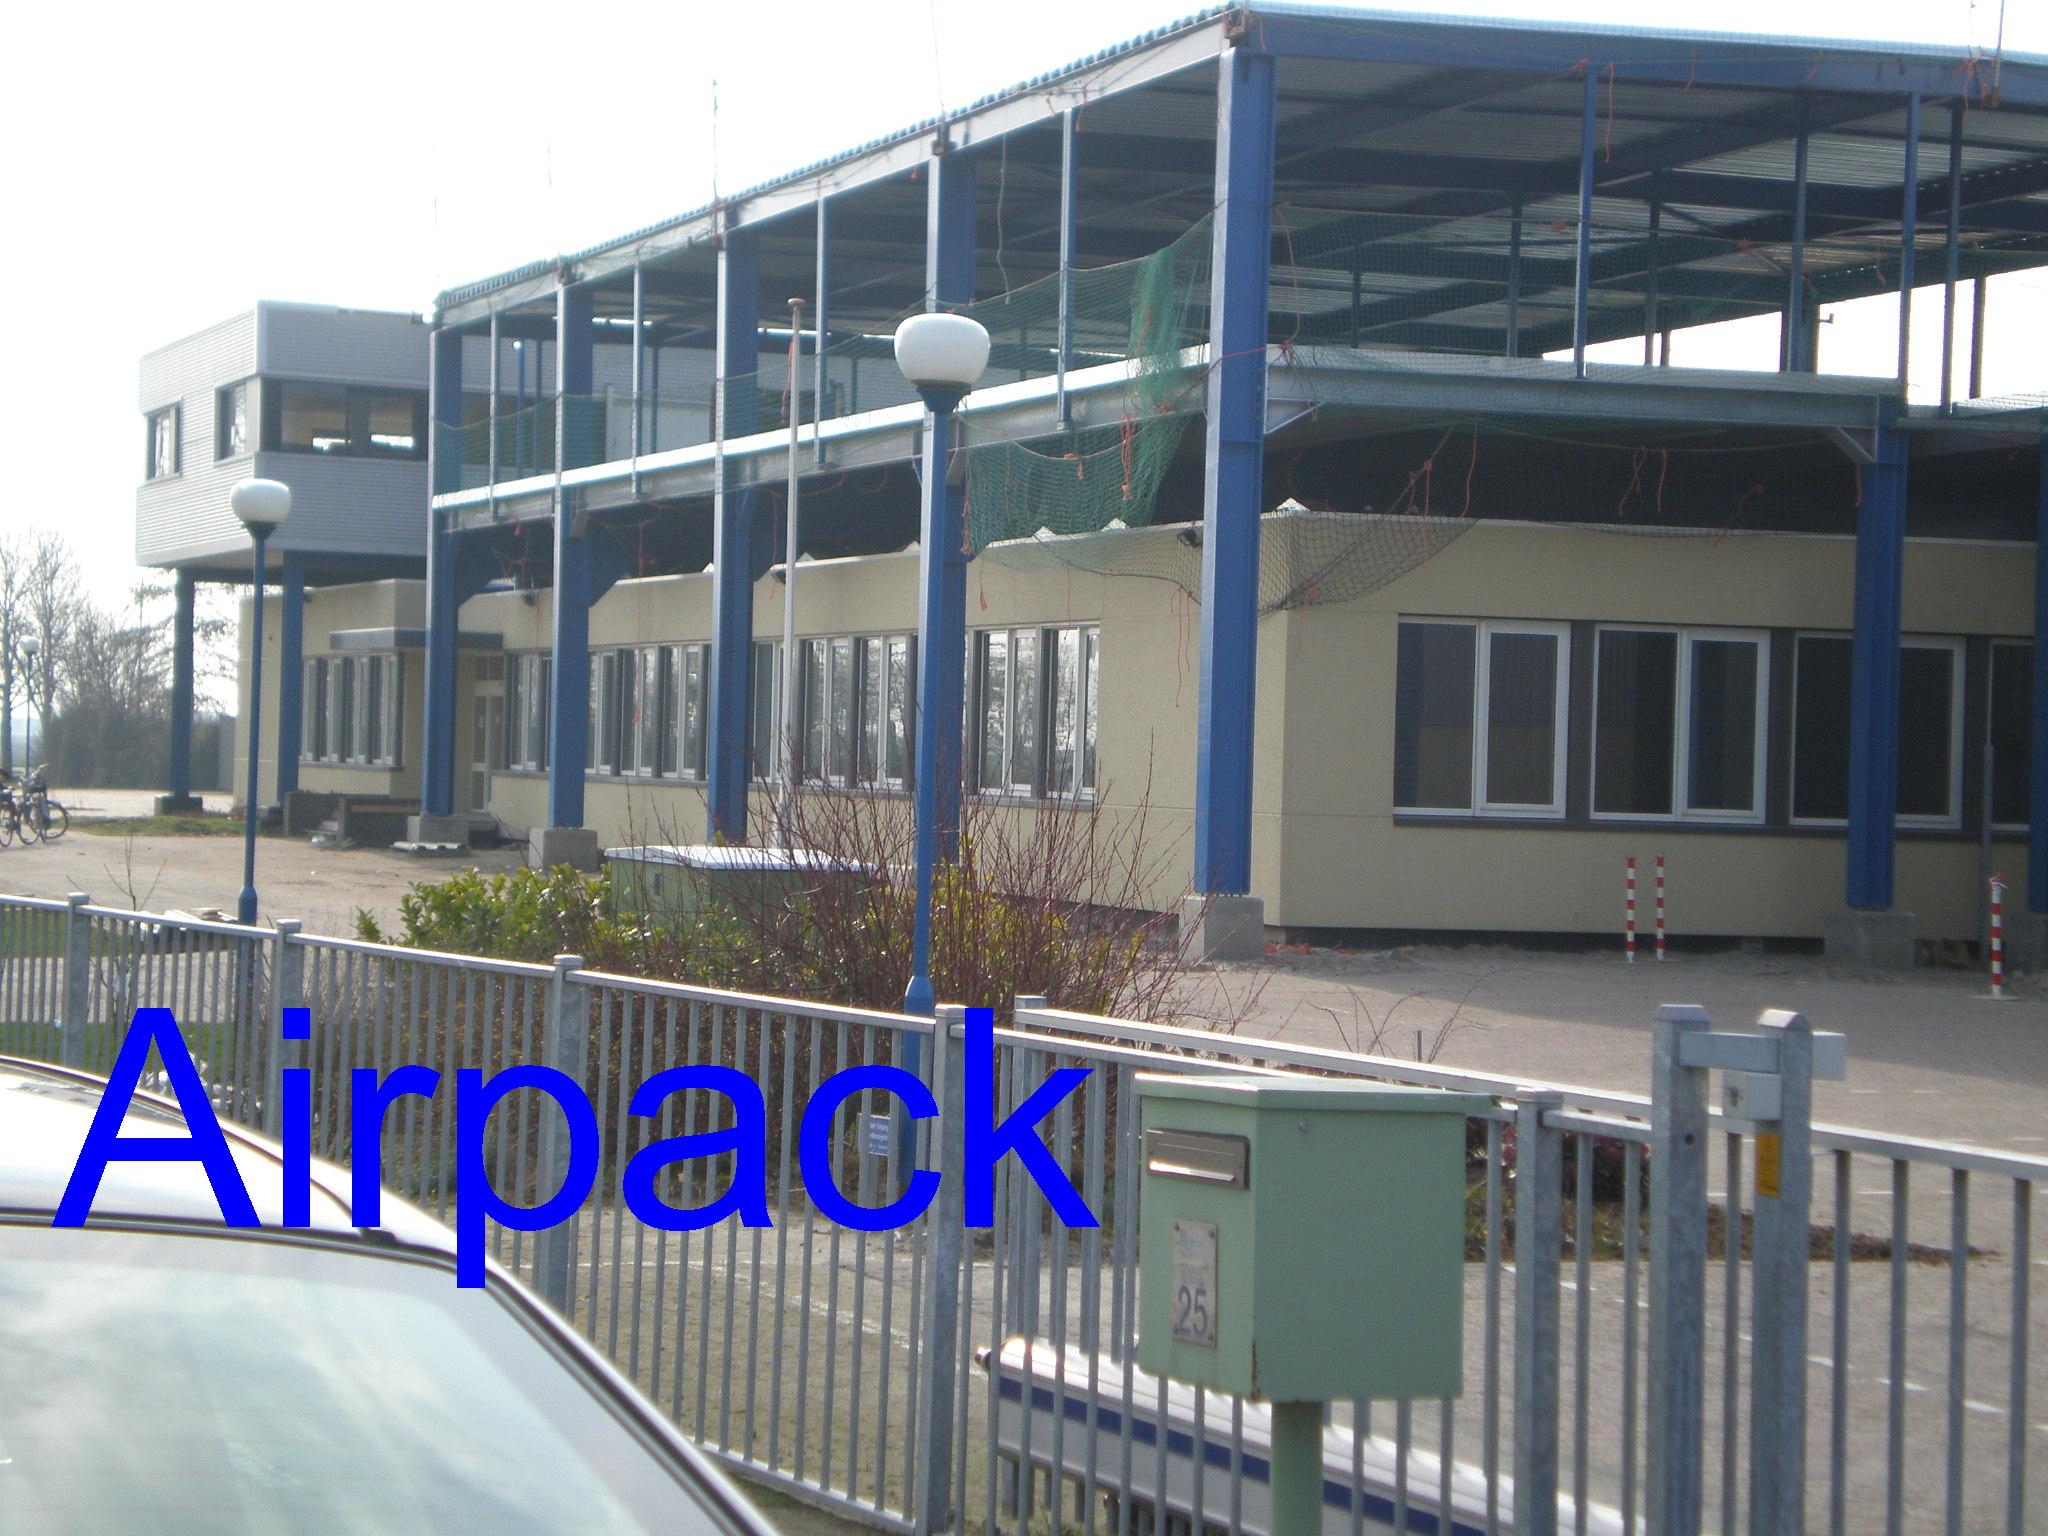 Airpack__2e_foto_0208.jpg